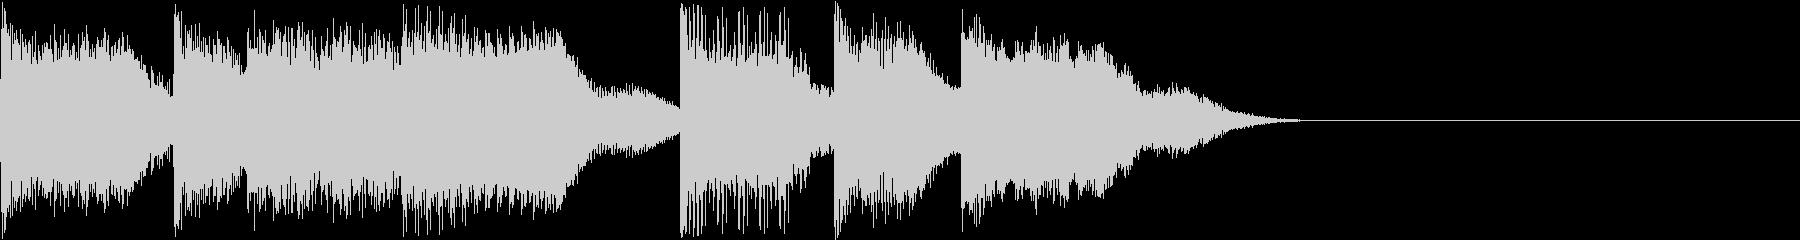 AI メカ/ロボ/マシン動作音 36の未再生の波形